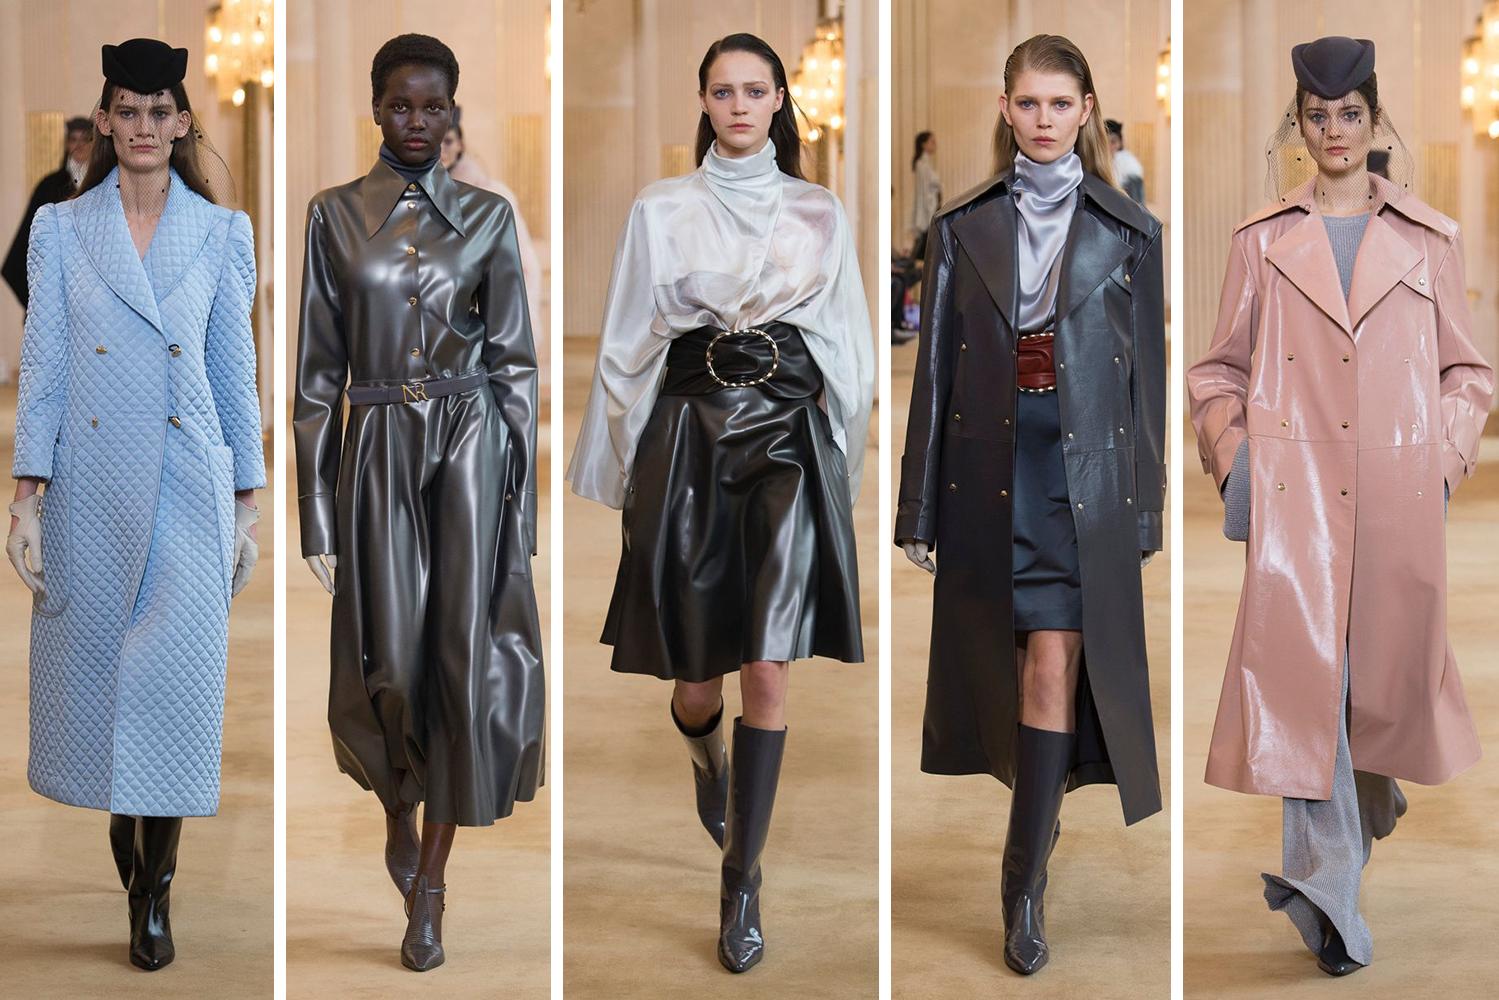 nina_ricci_oszi-teli_ready-to-wear_kollekcio_2018_parizsi_divathet.png